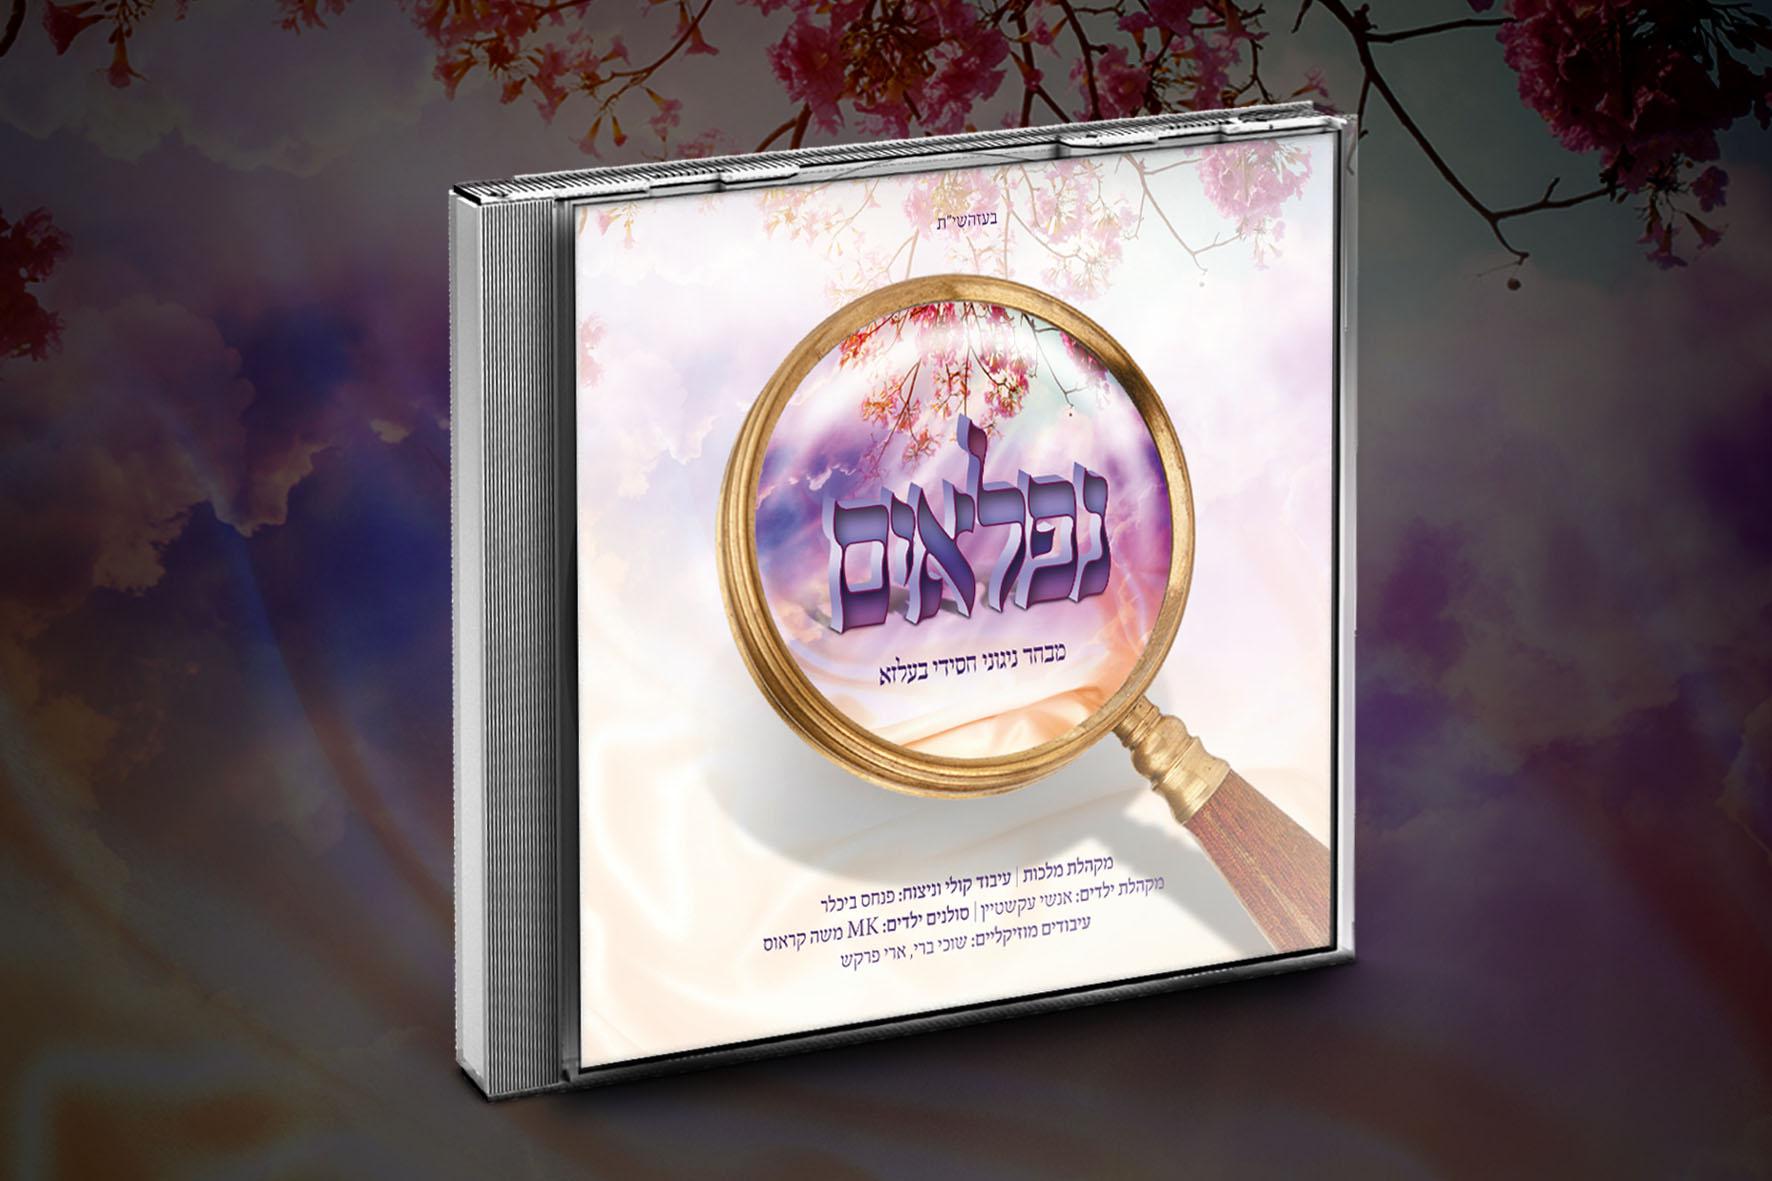 """אלבום היובל: 'נפלאים'! מקהלת מלכות וילדי ארה""""ב עם נבחרת ניגוני חסידי בבעלזא"""